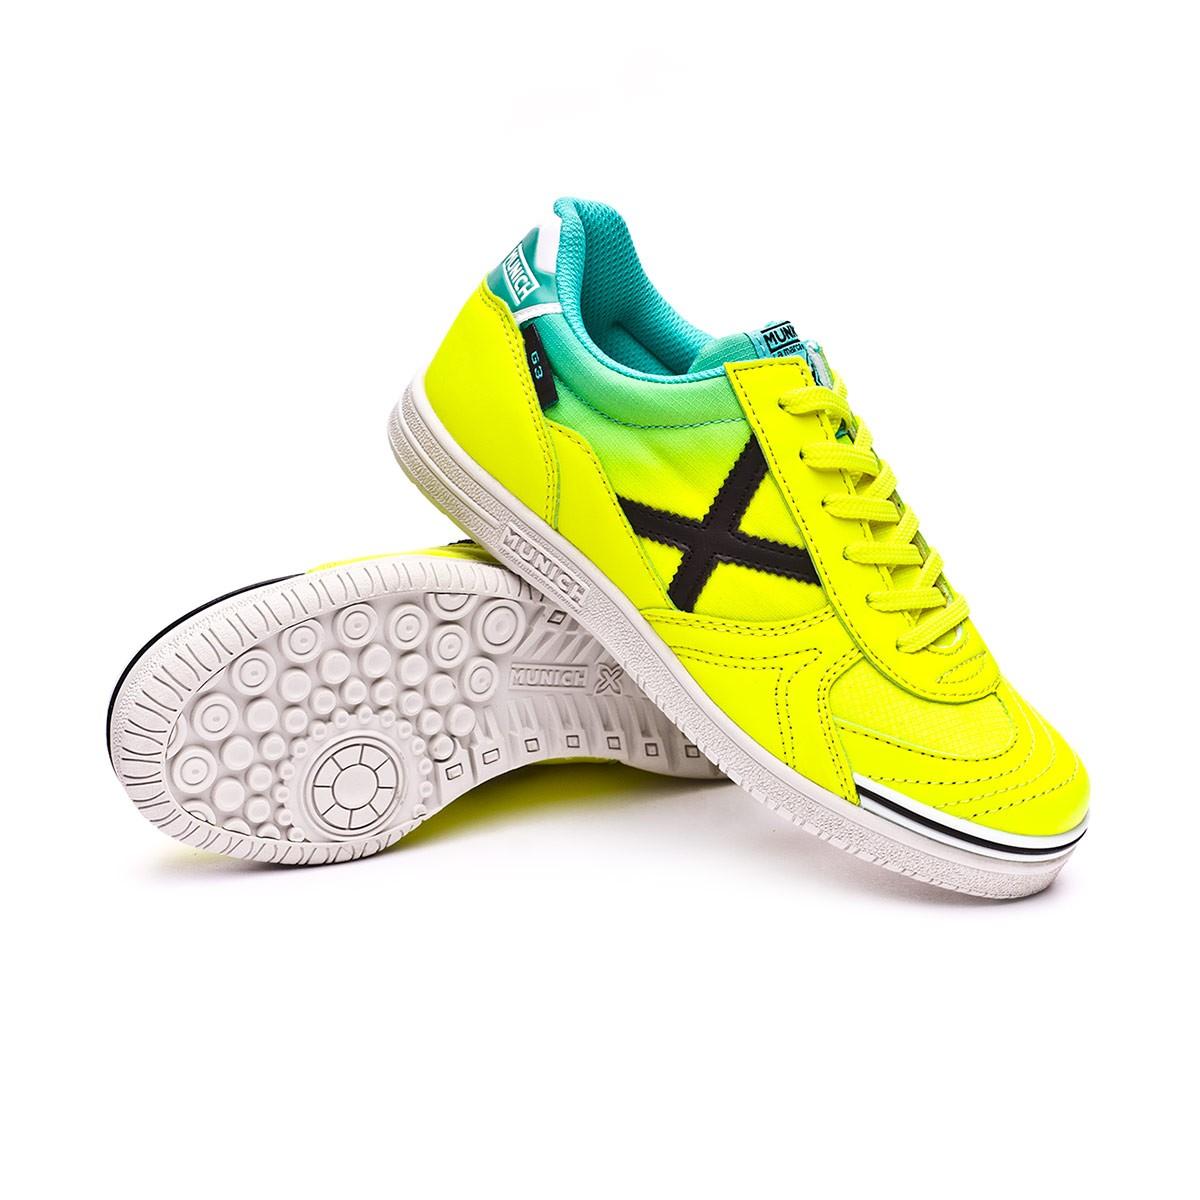 29e10897565 Futsal Boot Munich Kids G3 Fluorescent yellow - Tienda de fútbol ...